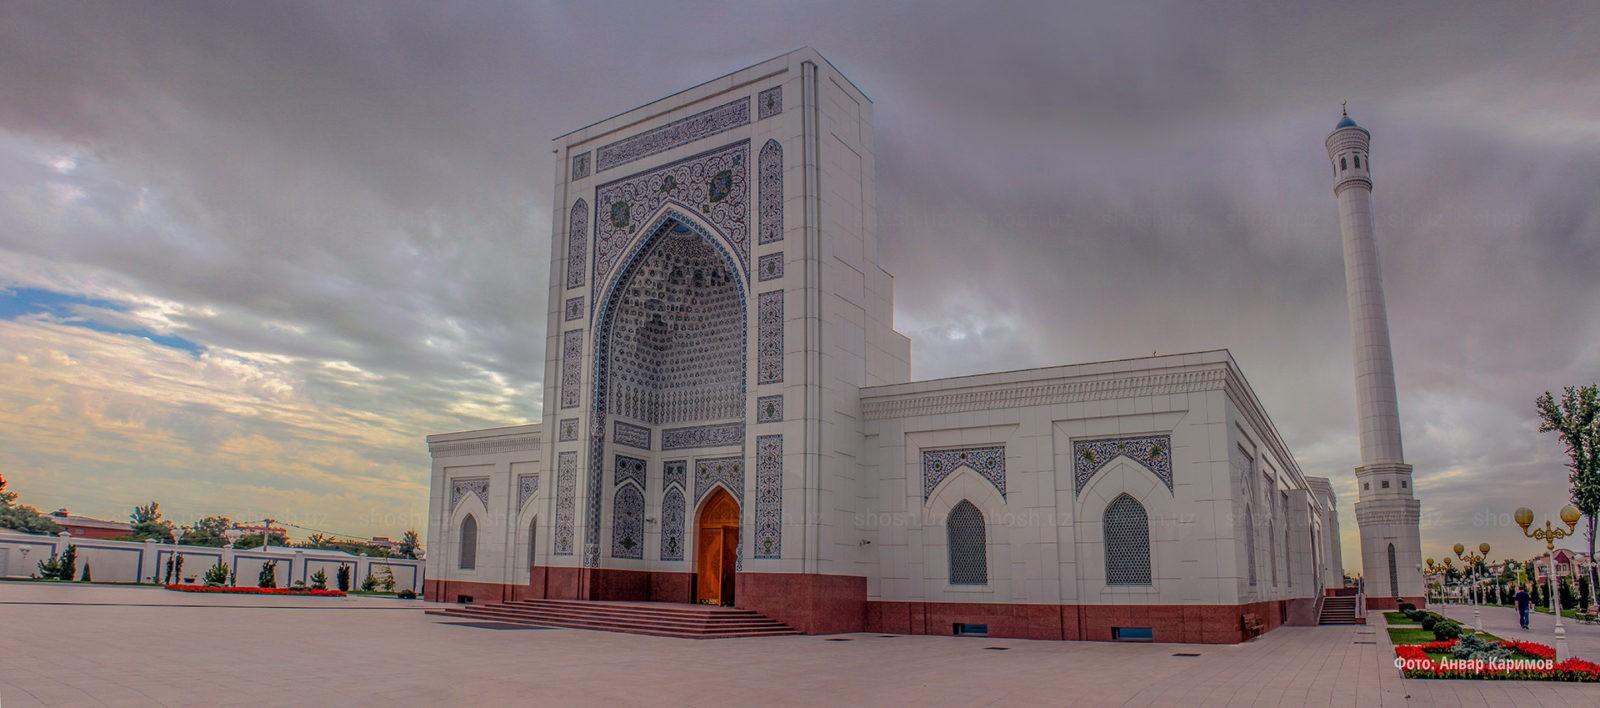 Minor jome' masjidi